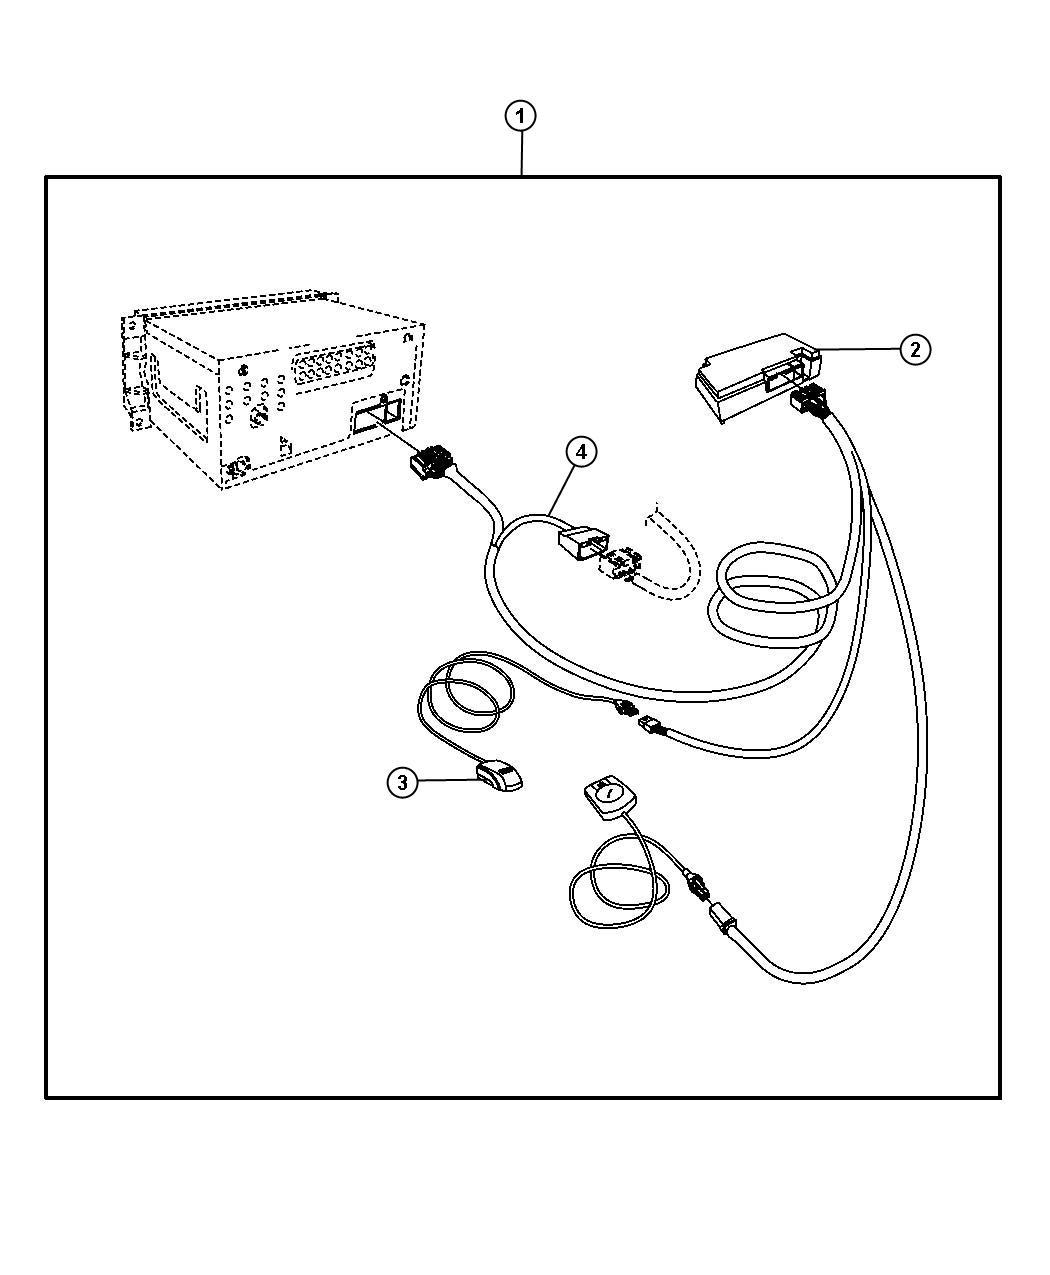 Chrysler Sebring Harness Export Phone Cellular Kit